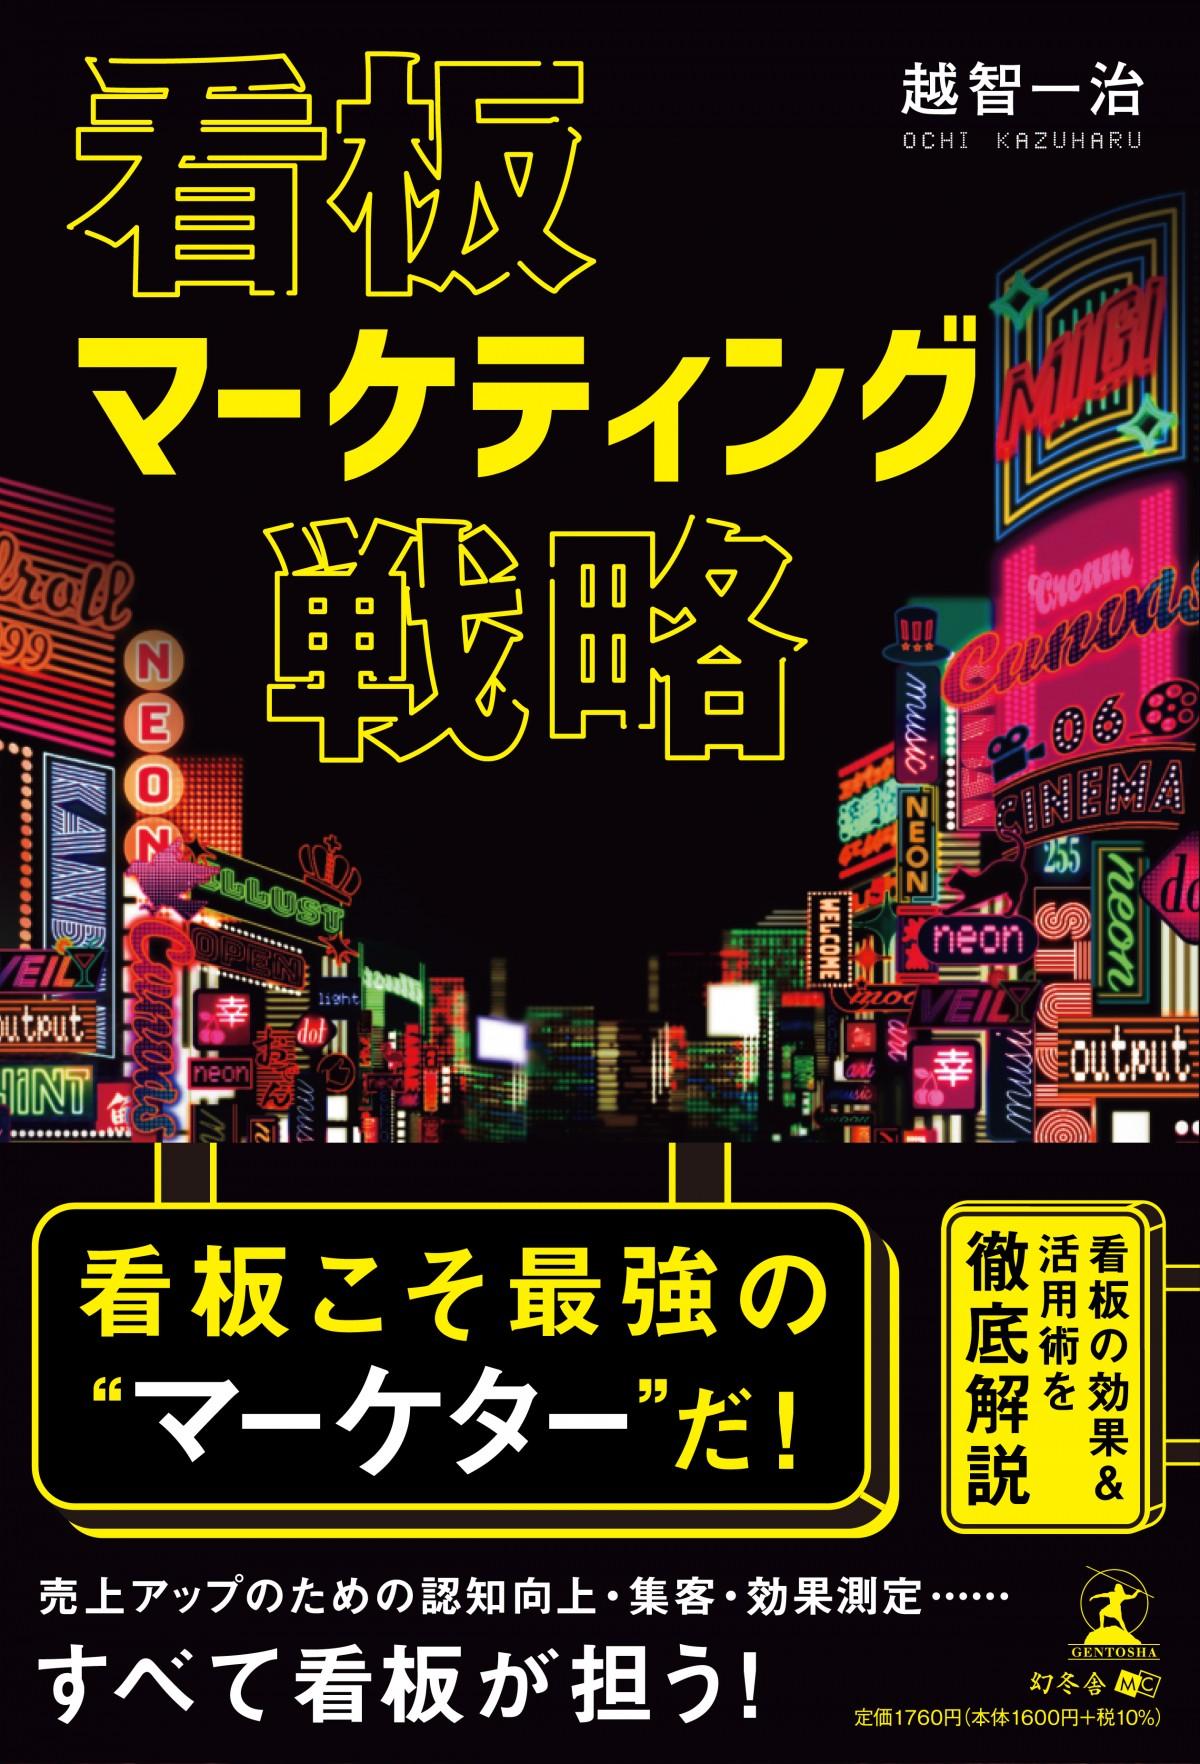 【受注商品】WRESTLE PRINCESS Ⅱ大会記念Tシャツ 東京女子プロレス